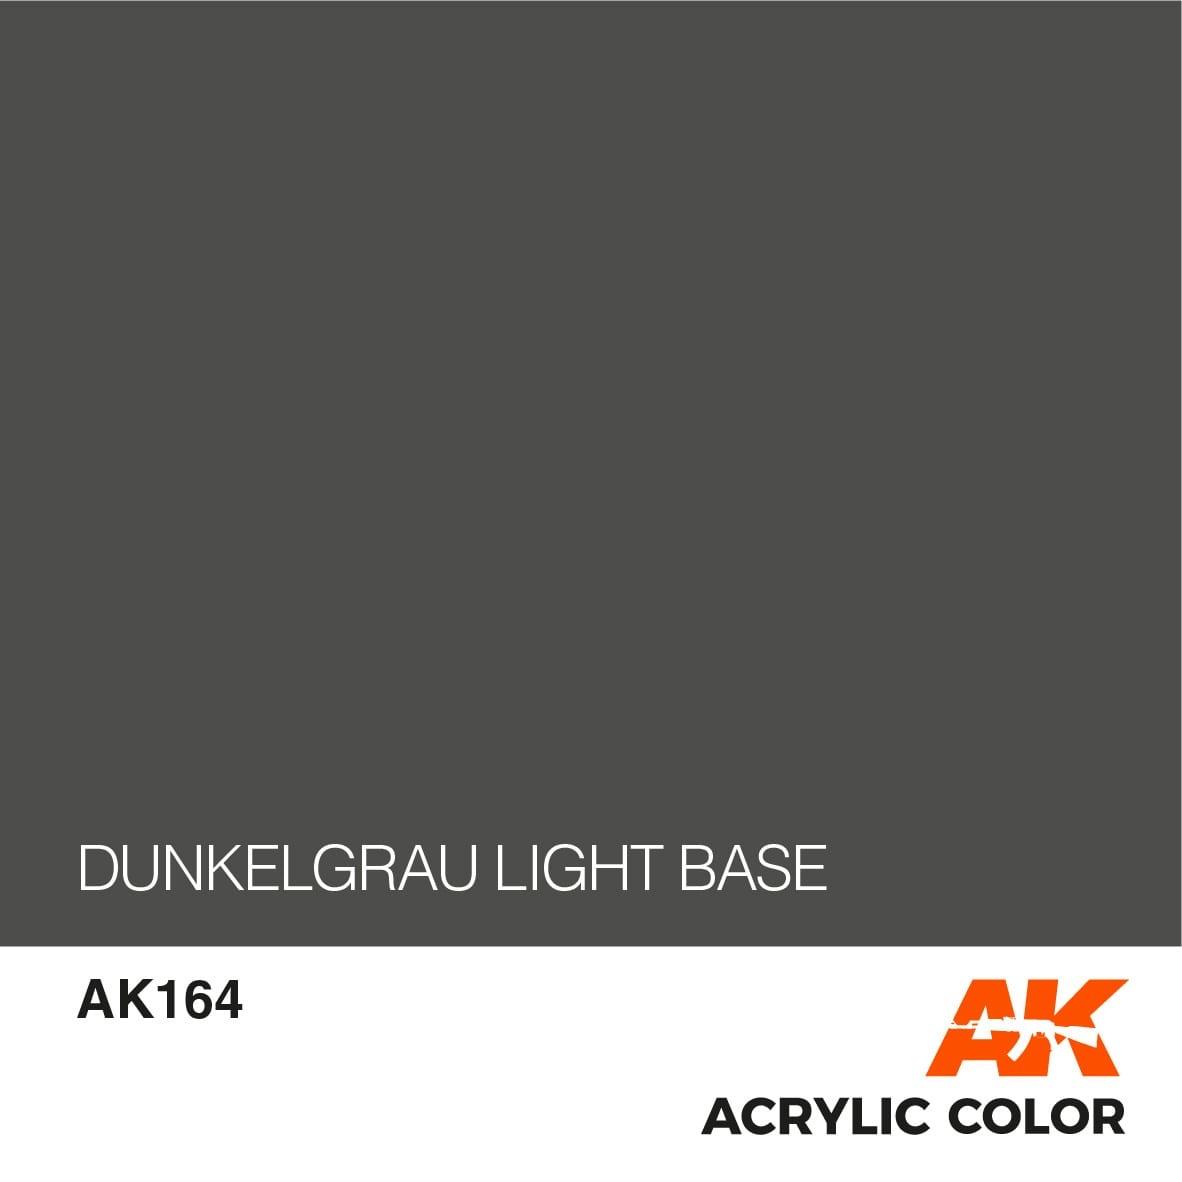 AK-Interactive Dunkelgrau Light Base - 17ml - AK-Interactive - AK-164